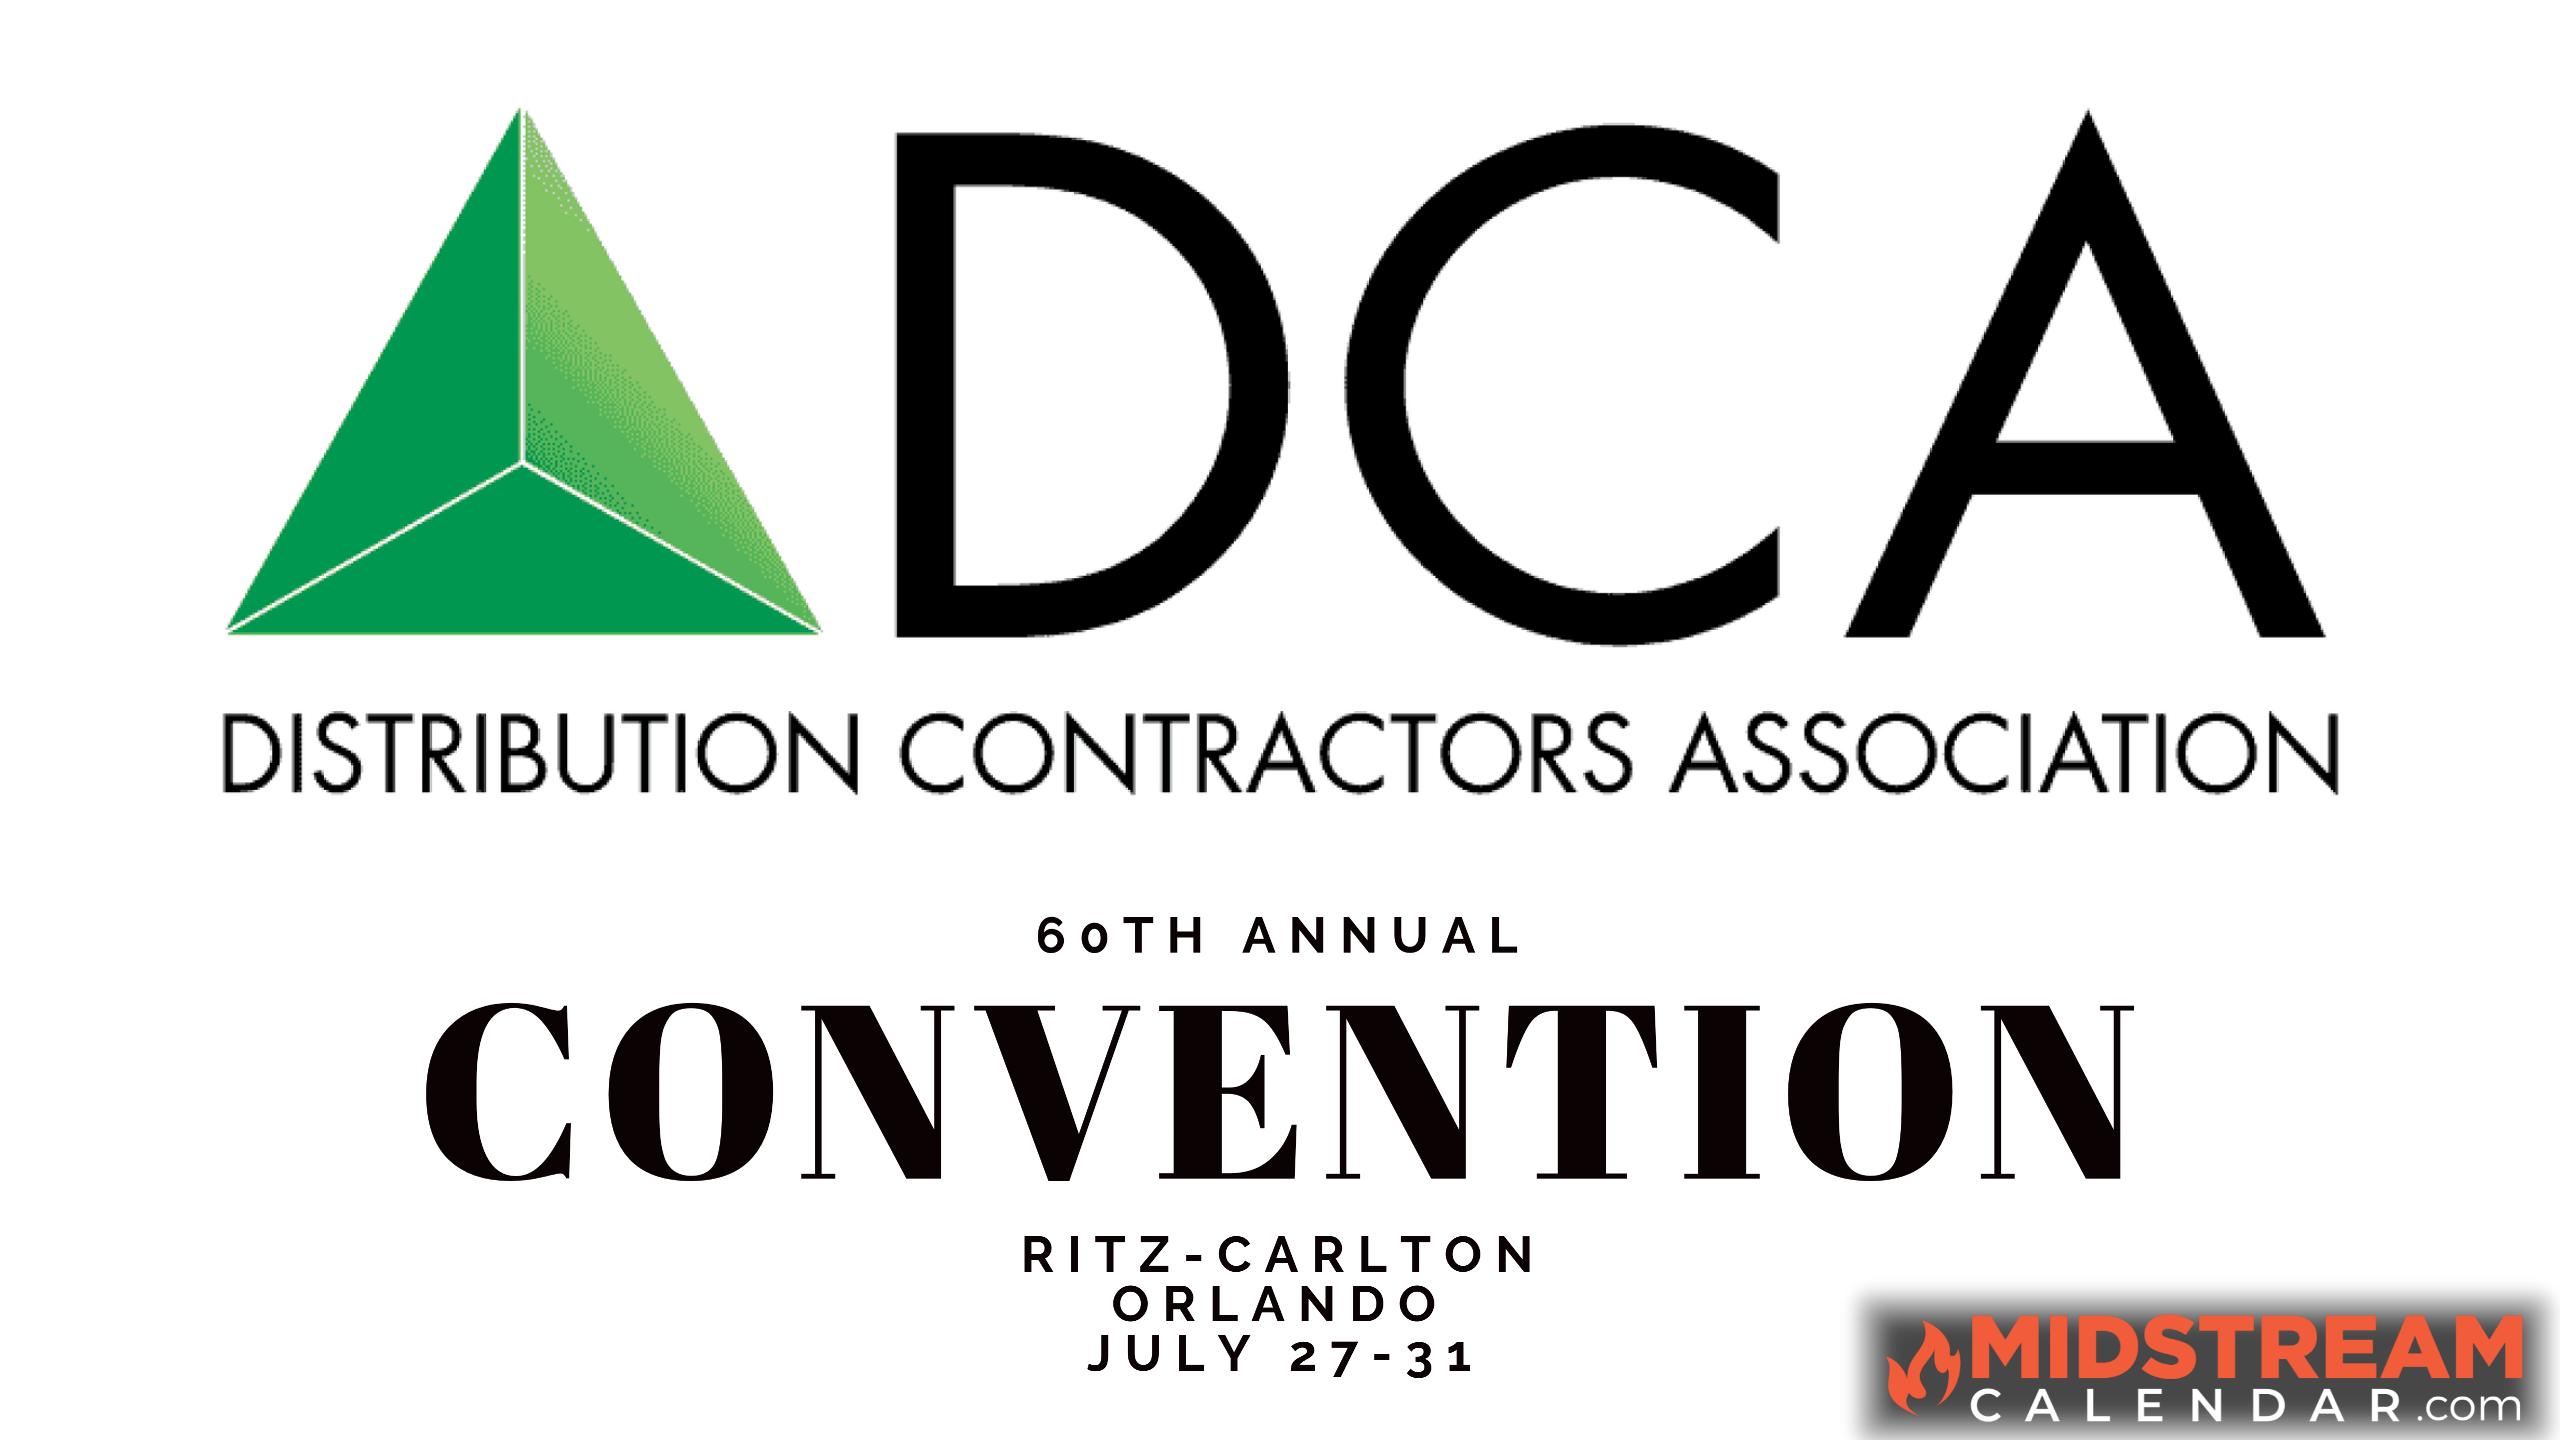 DCA Convention 2021 Ritz-Carlton Orlando